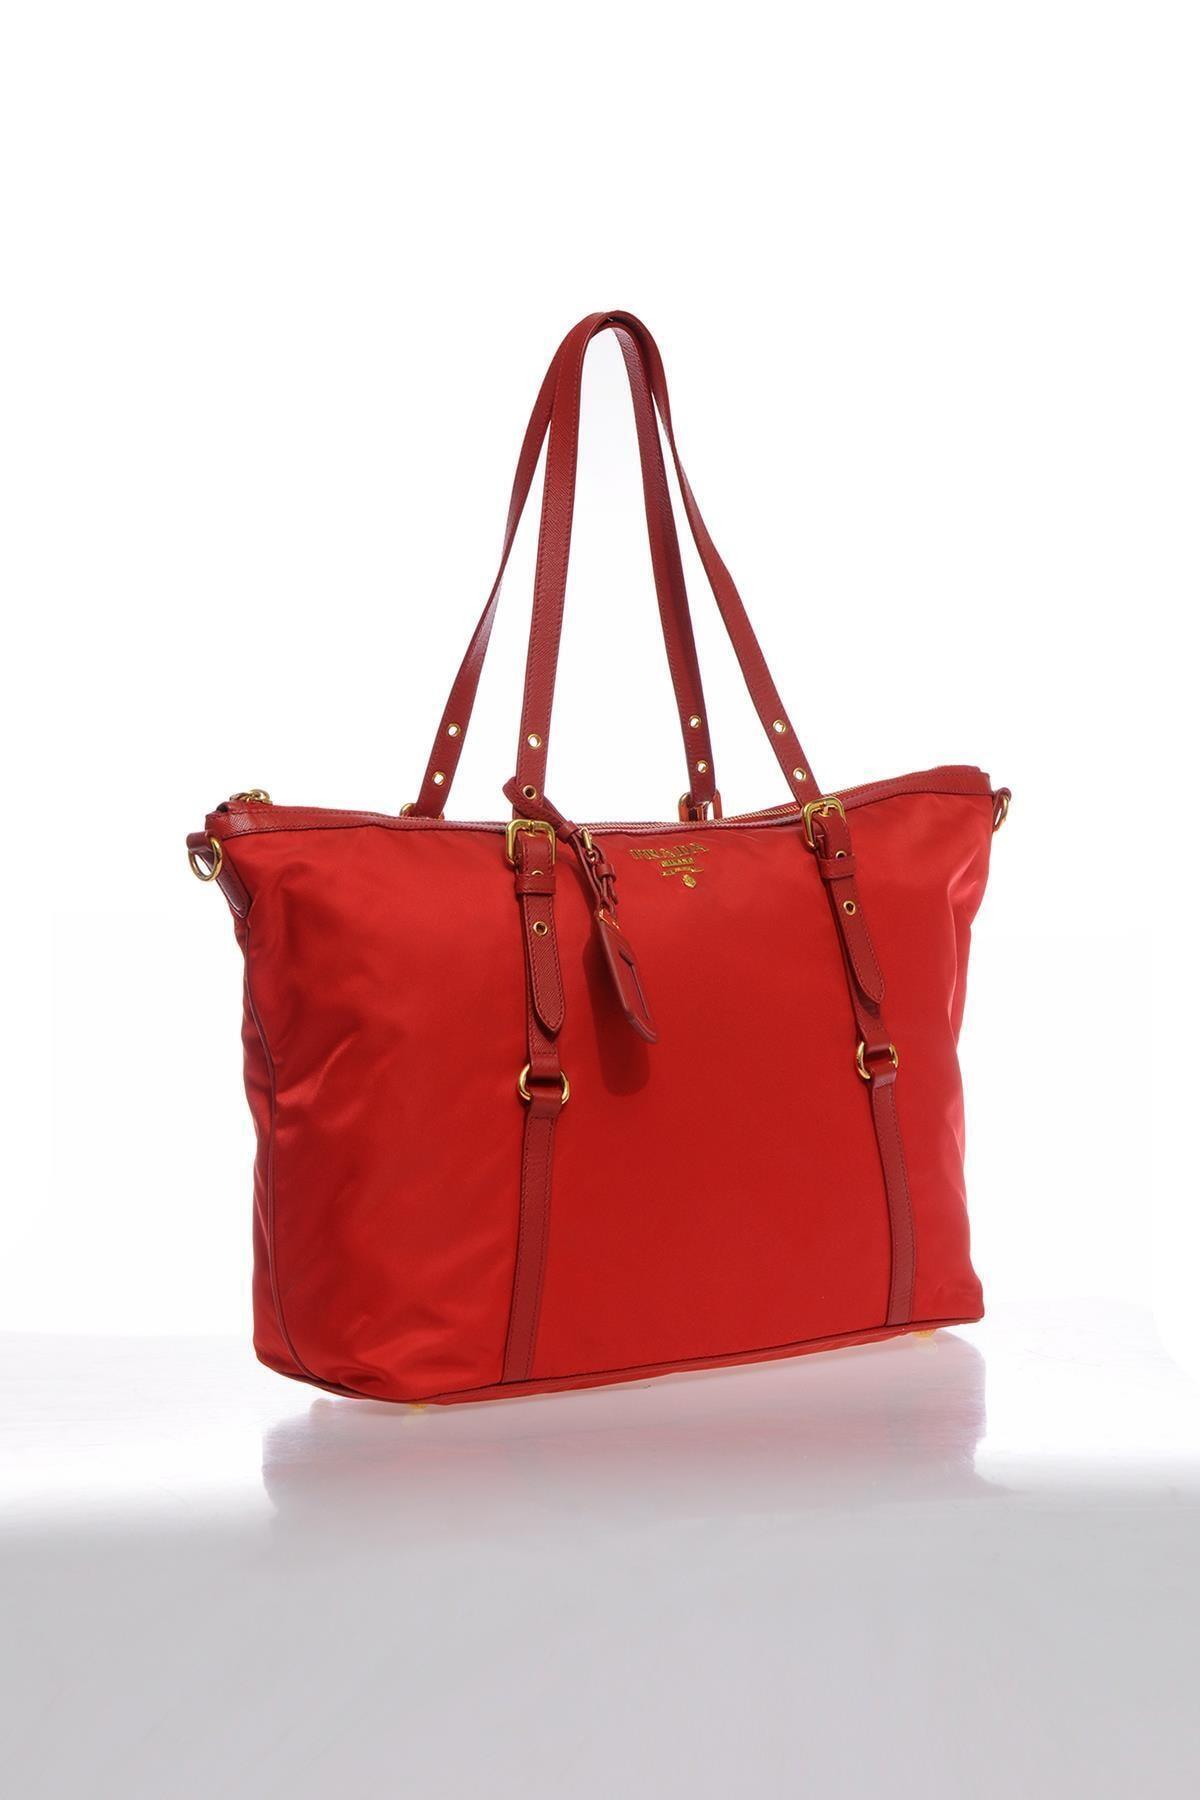 Prada Kadın Kırmızı Omuz Çantası 2